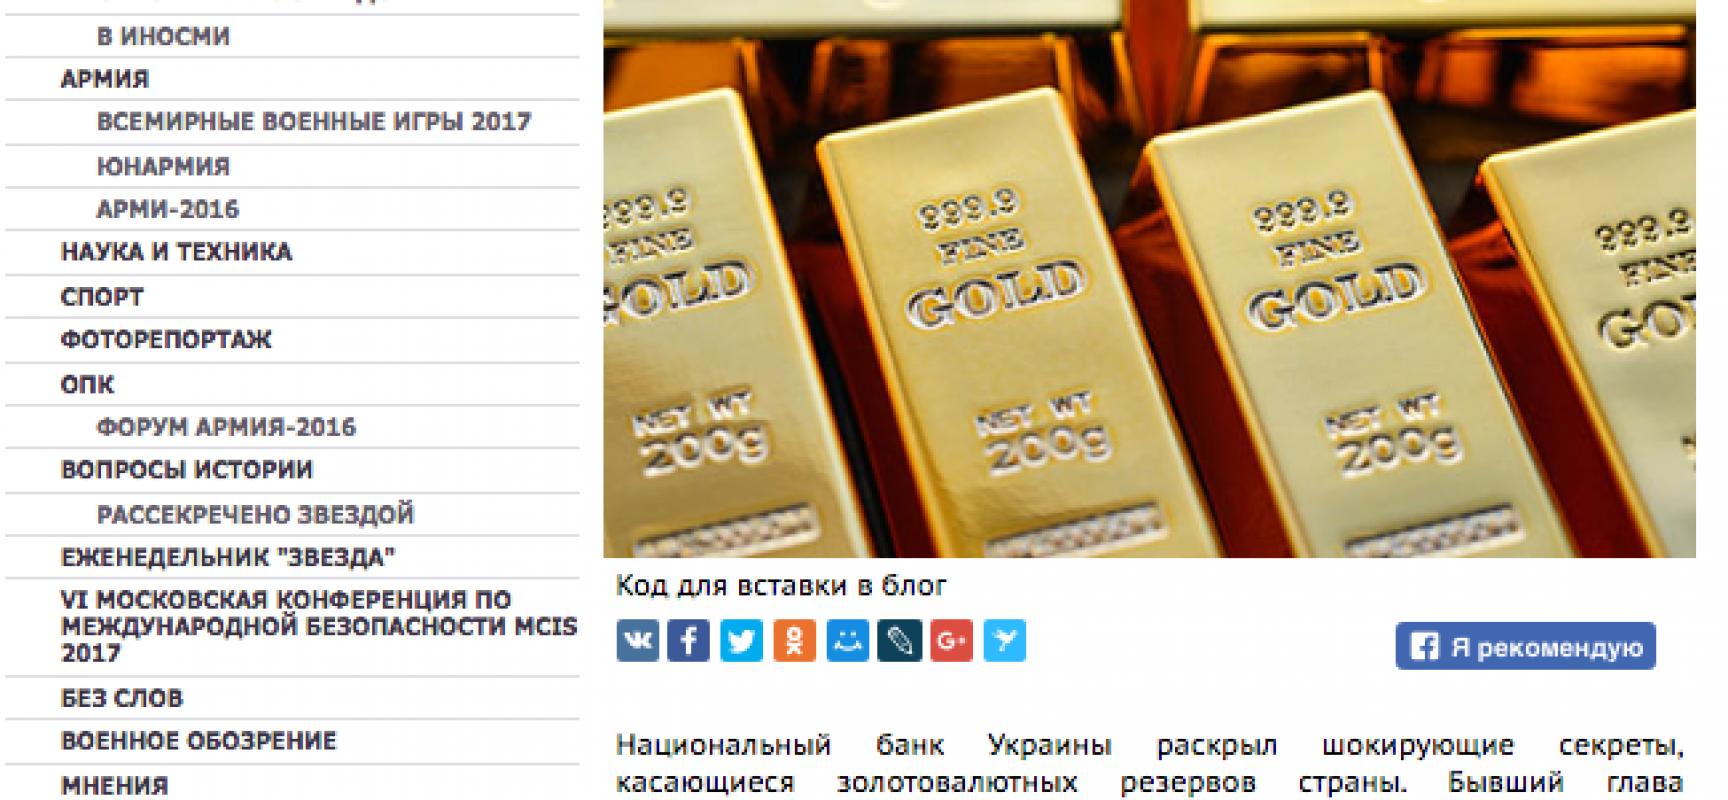 FAKE: Il Fondo Monetario Internazionale ha sottratto 80 % di riserve auree e valutarie dell'Ucraina per i debiti